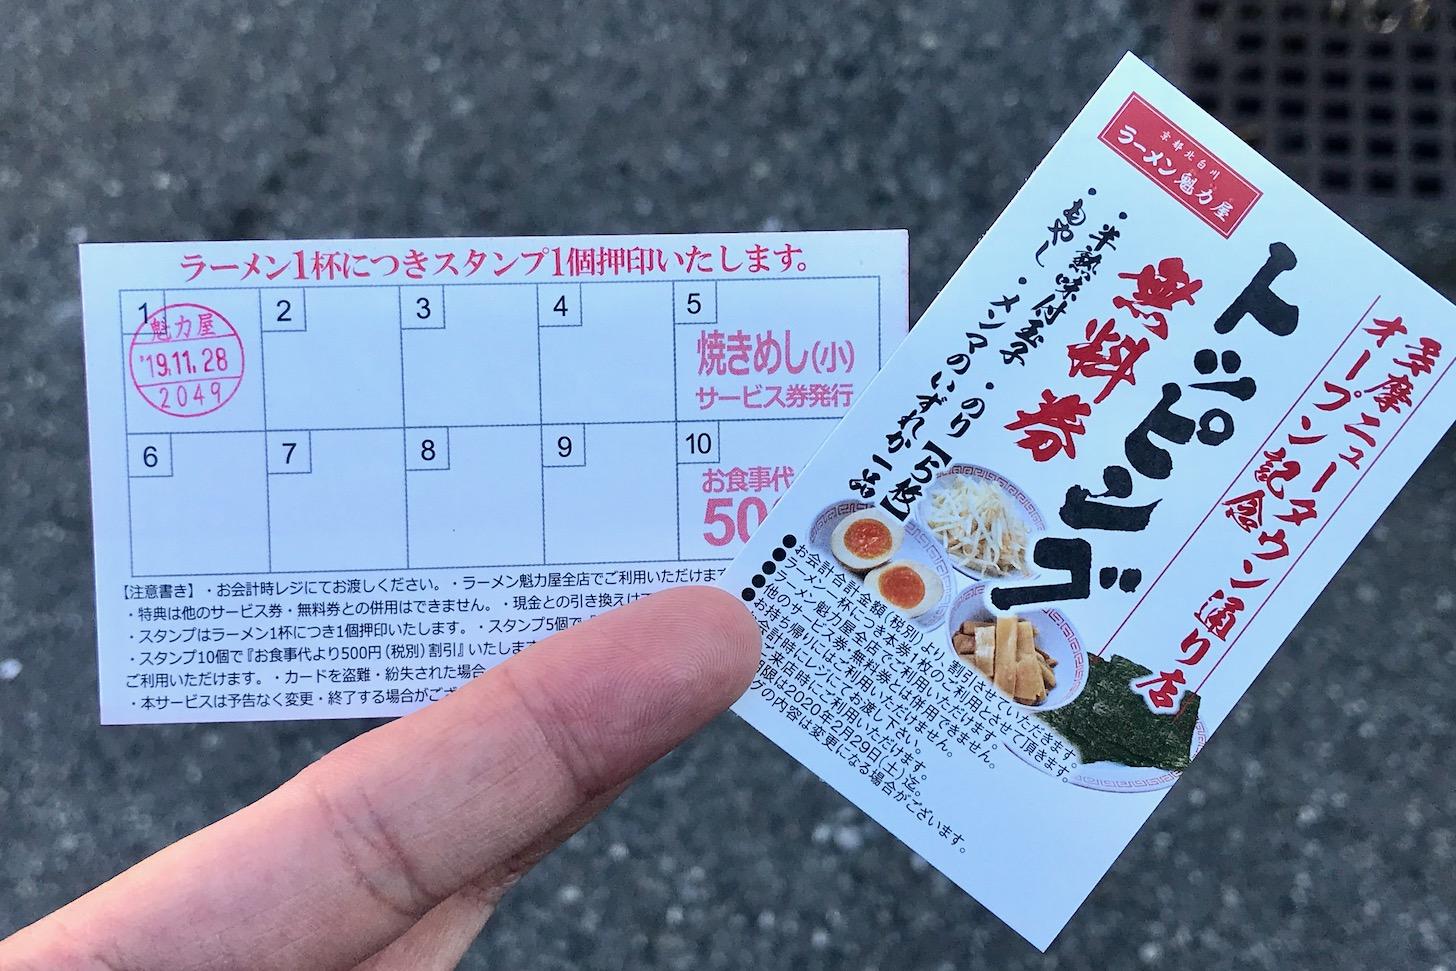 京都北白川ラーメン魁力屋多摩ニュータウン通り店のスタンプカードとオープニング記念トッピング無料券